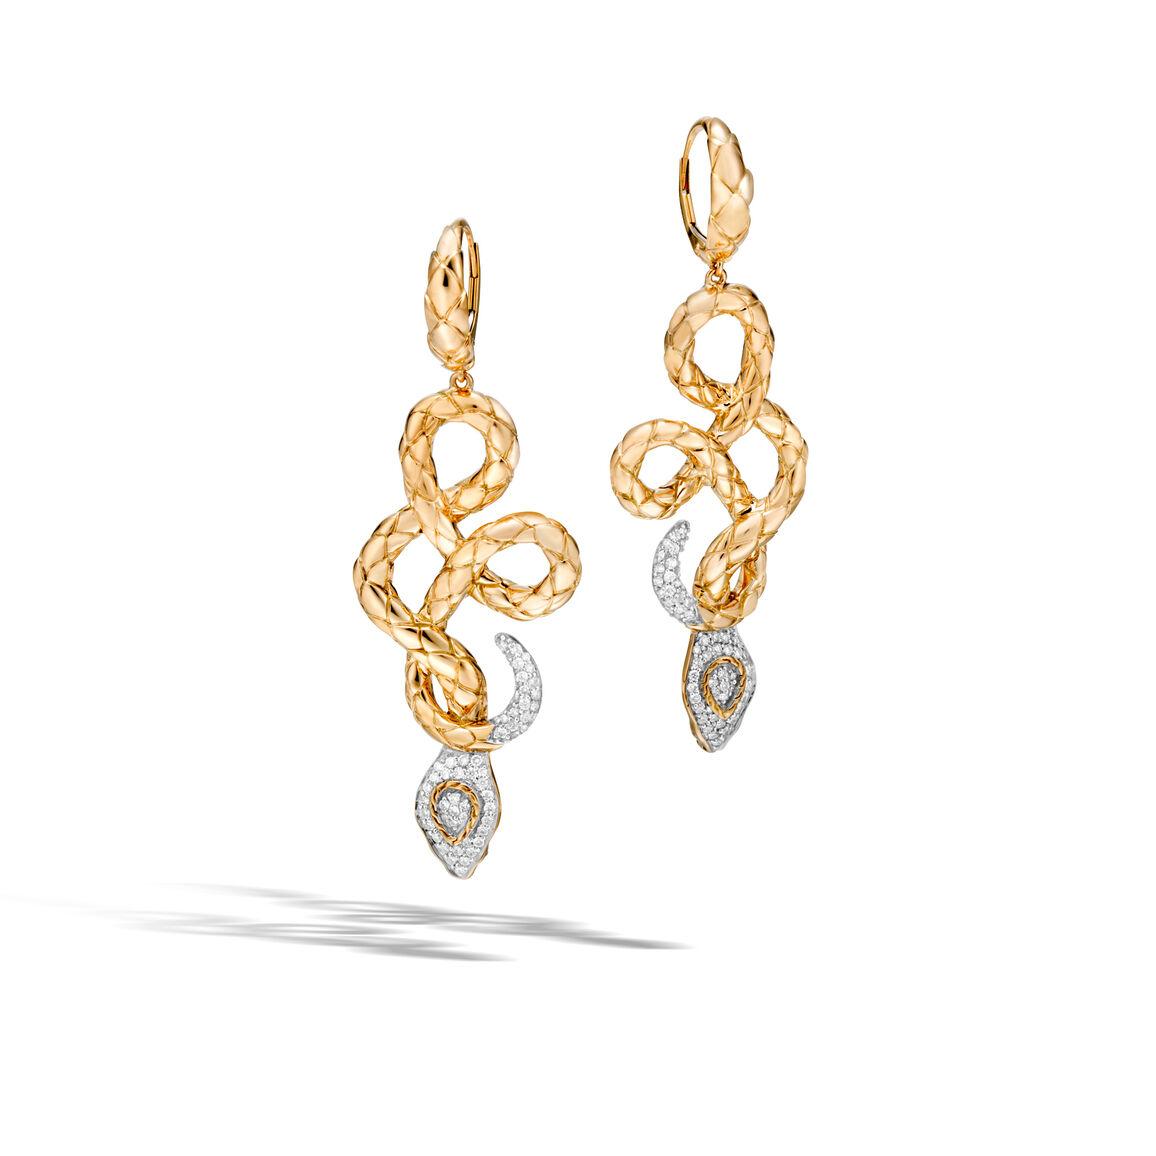 Legends Cobra Drop Earrings in 18K Gold with Diamonds